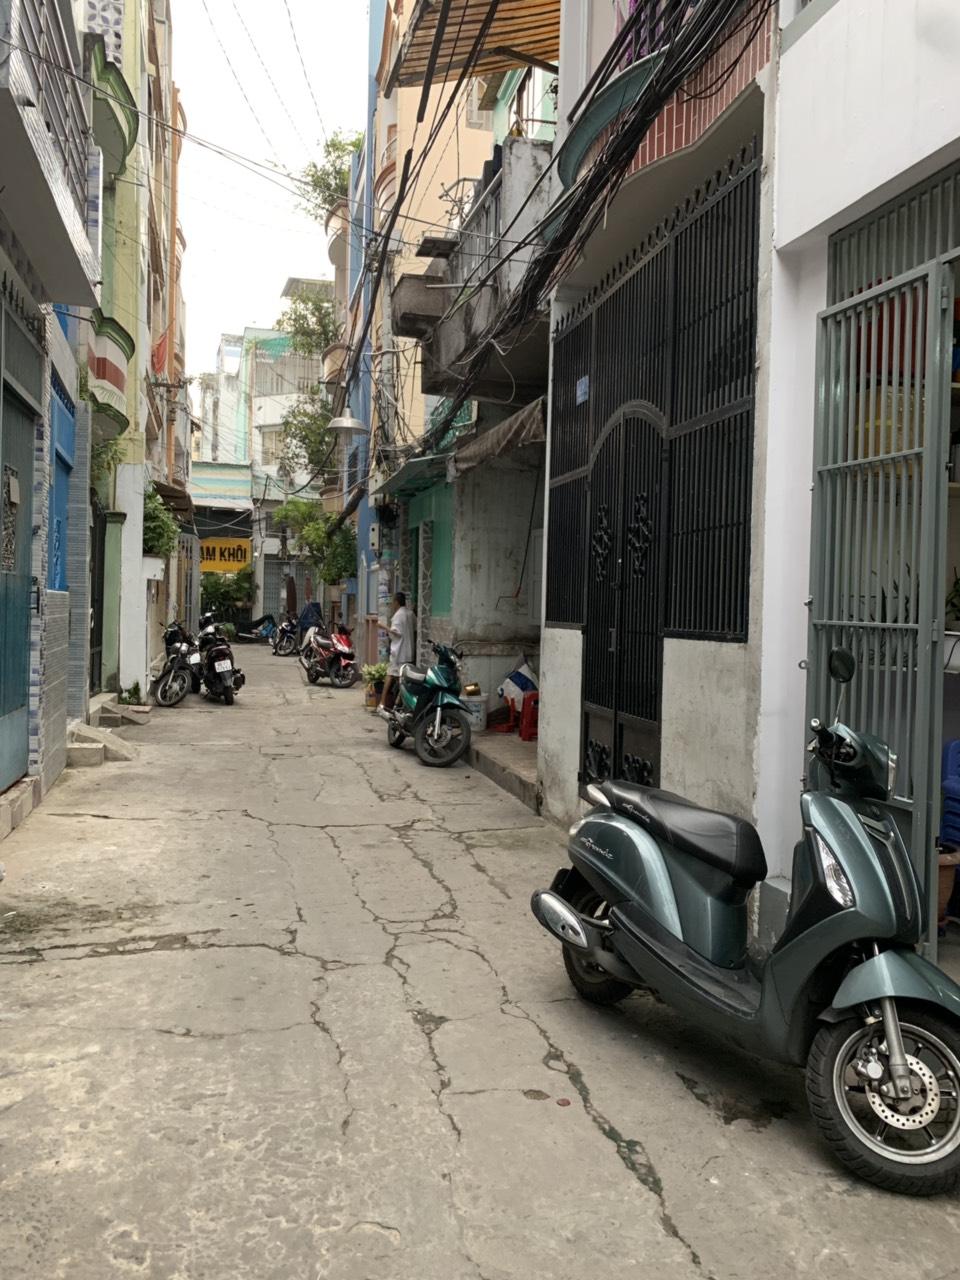 Bán nhà hẻm 366 Trần Hưng Đạo phường 2 Quận 5. DT 3x9m 2 lầu